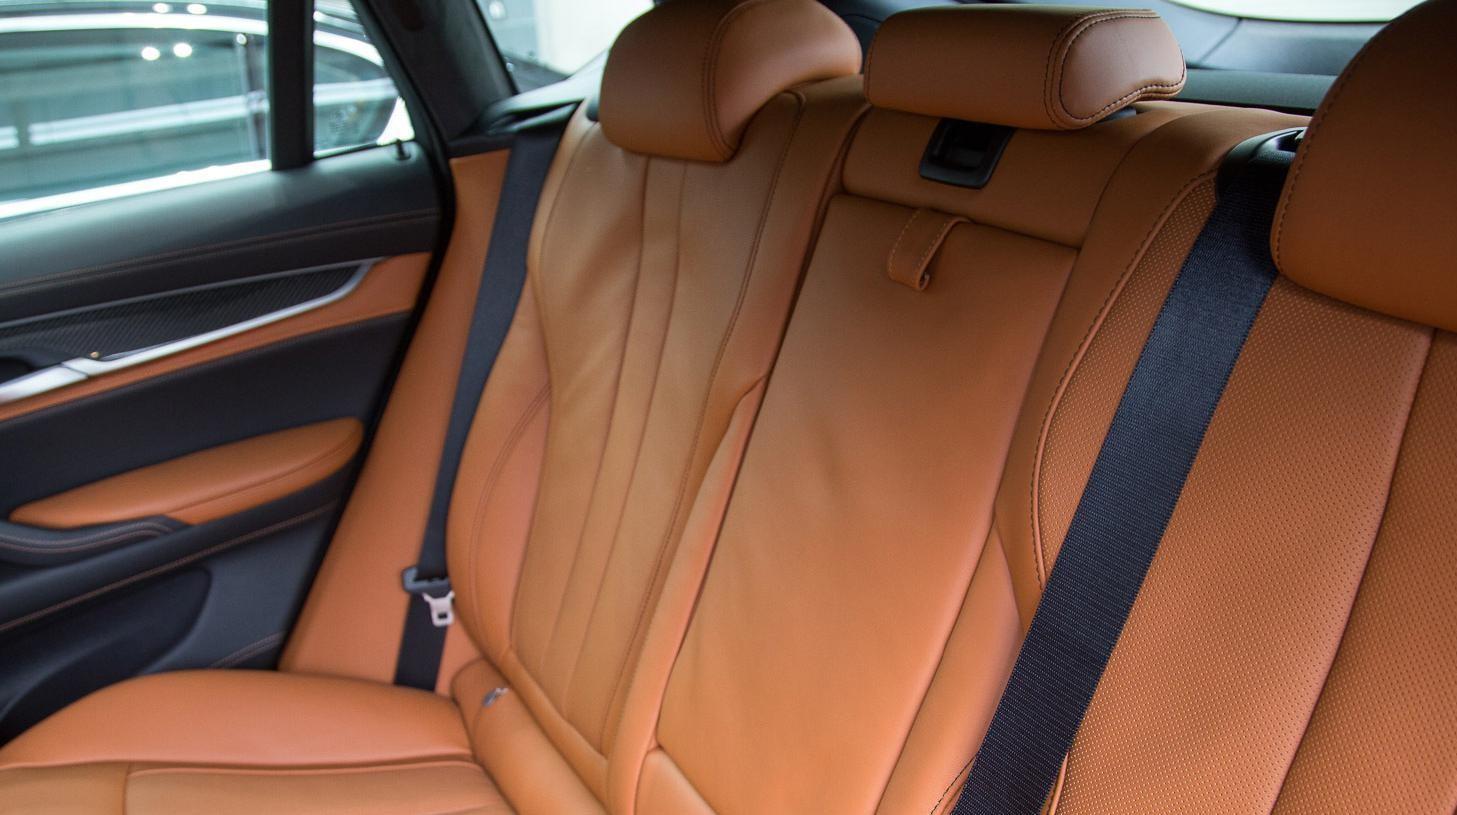 比较霸气的宝马X6M,外形时尚动感的一款车,看上去有力量感